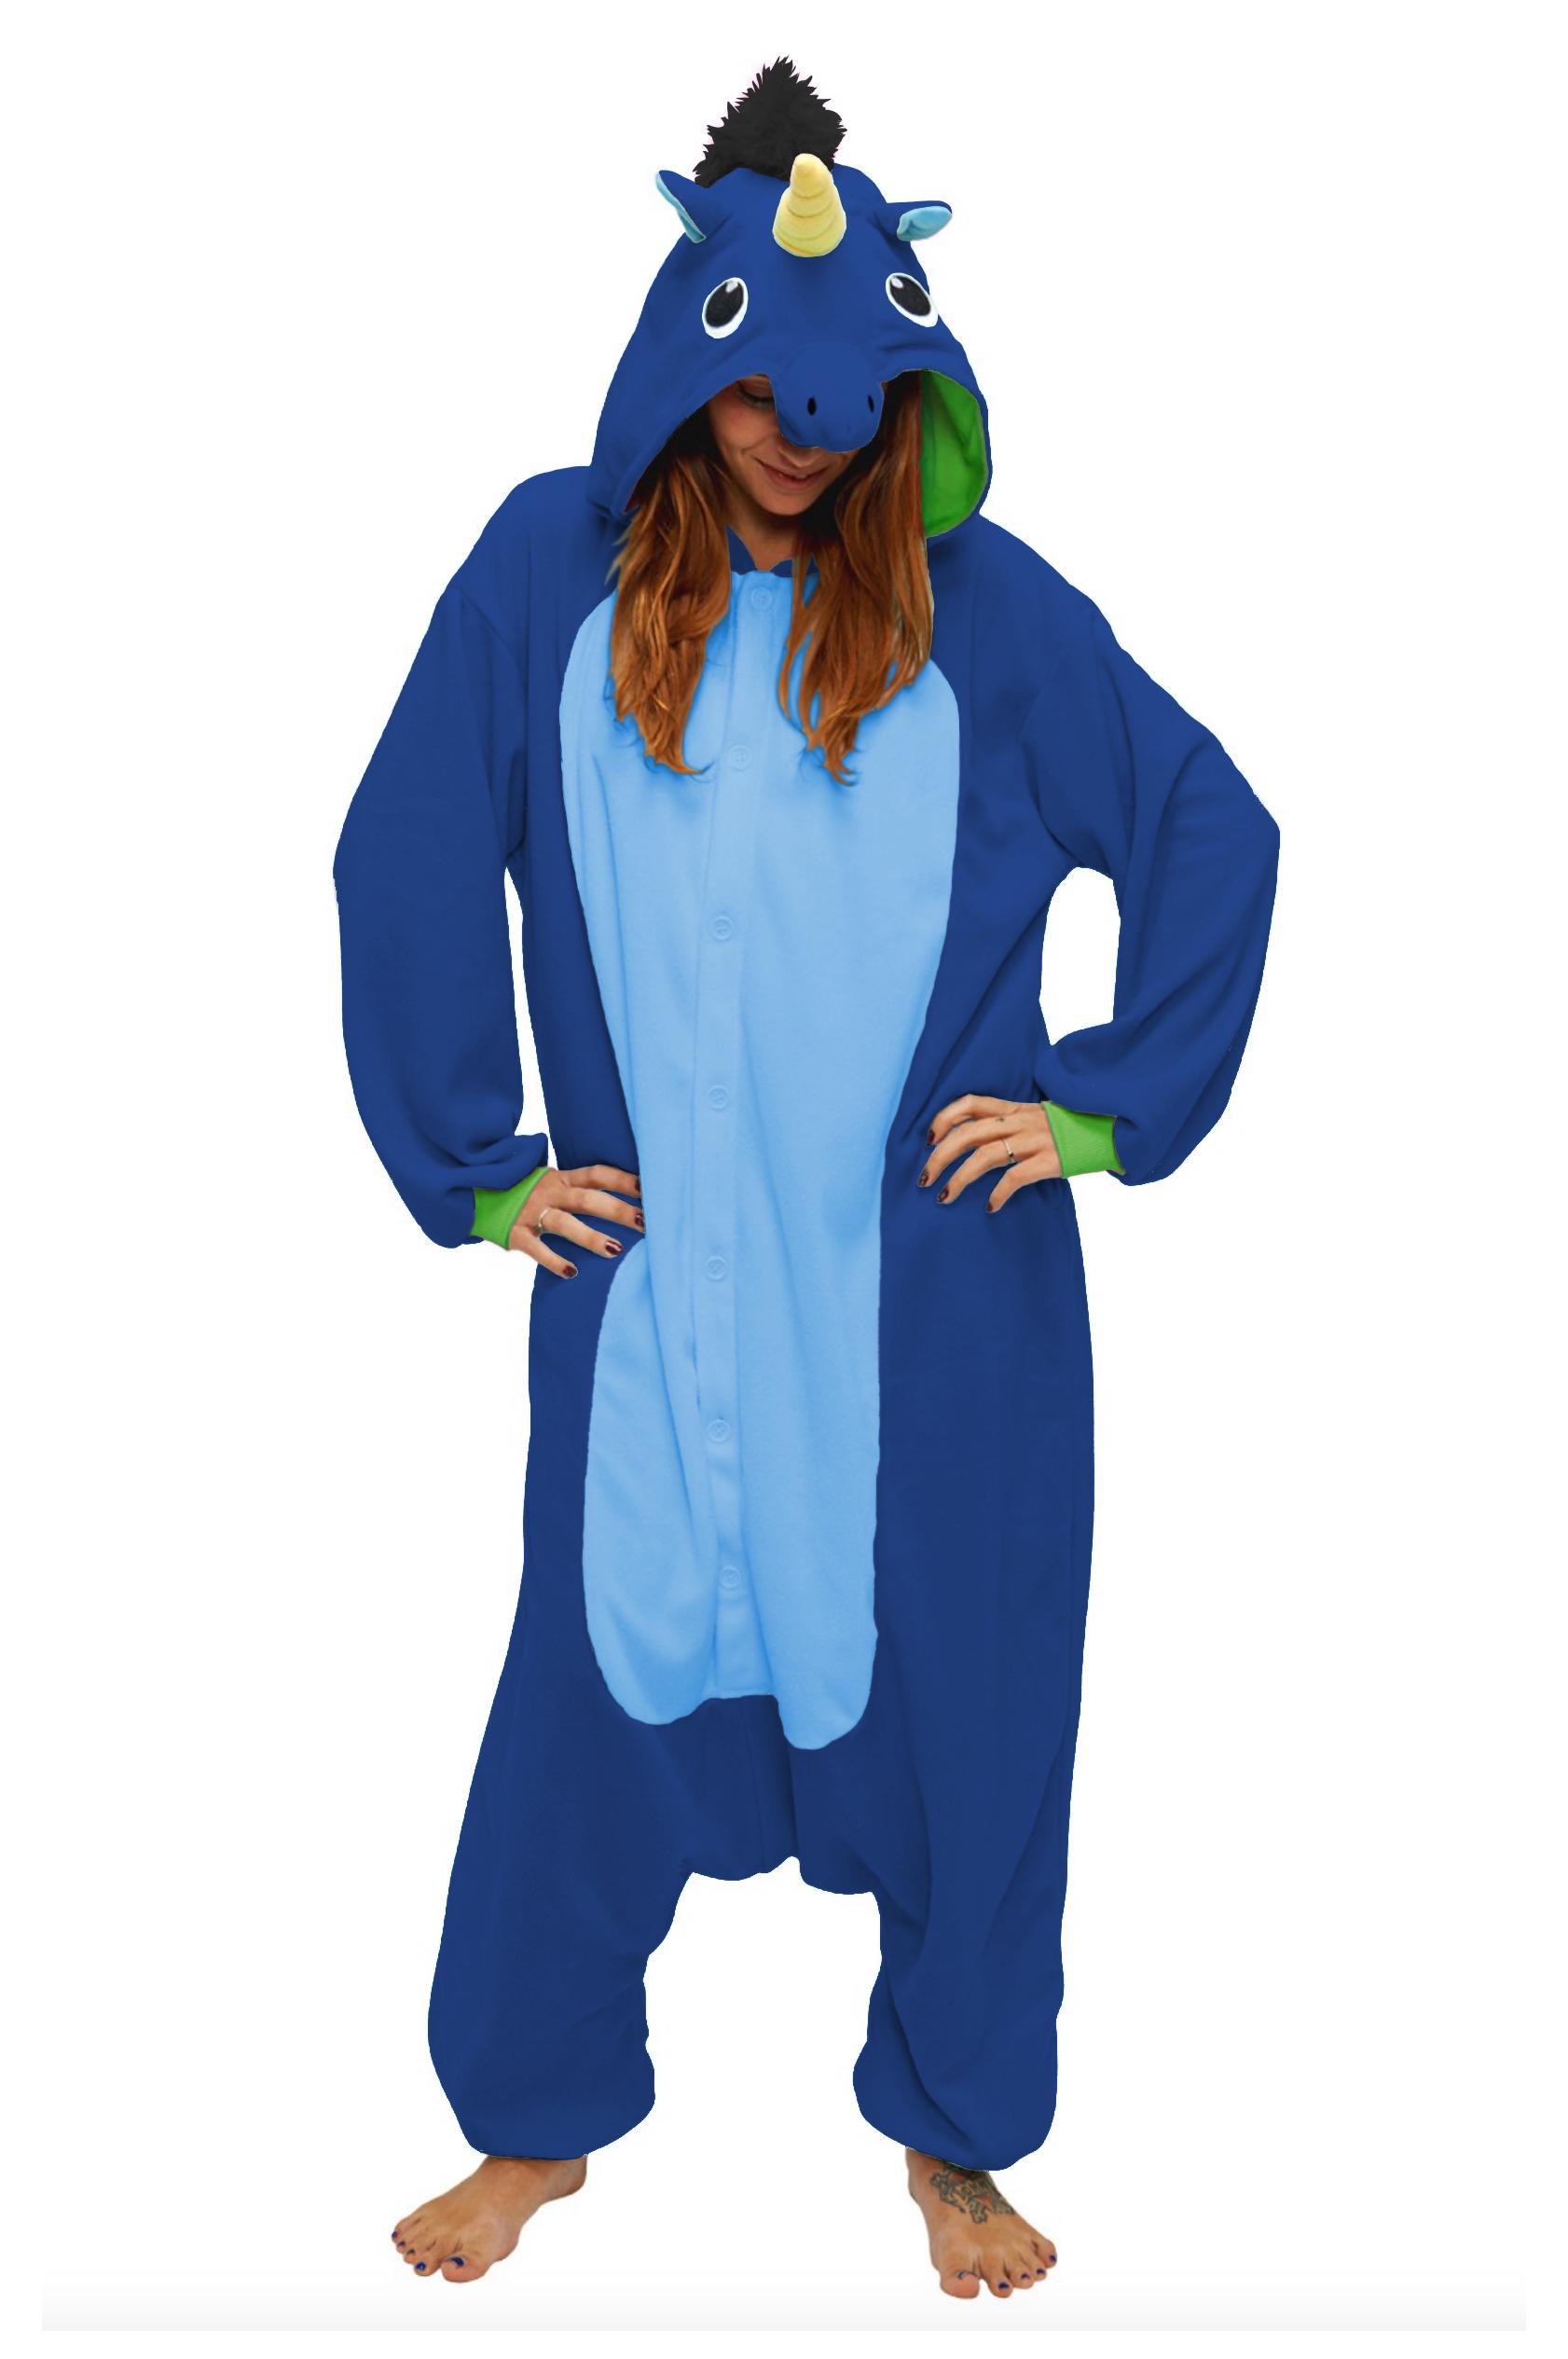 c518999a1 Donkerblauwe eenhoorn unicorn onesie kopen? €29,95 FeestinjeBeest.nl!